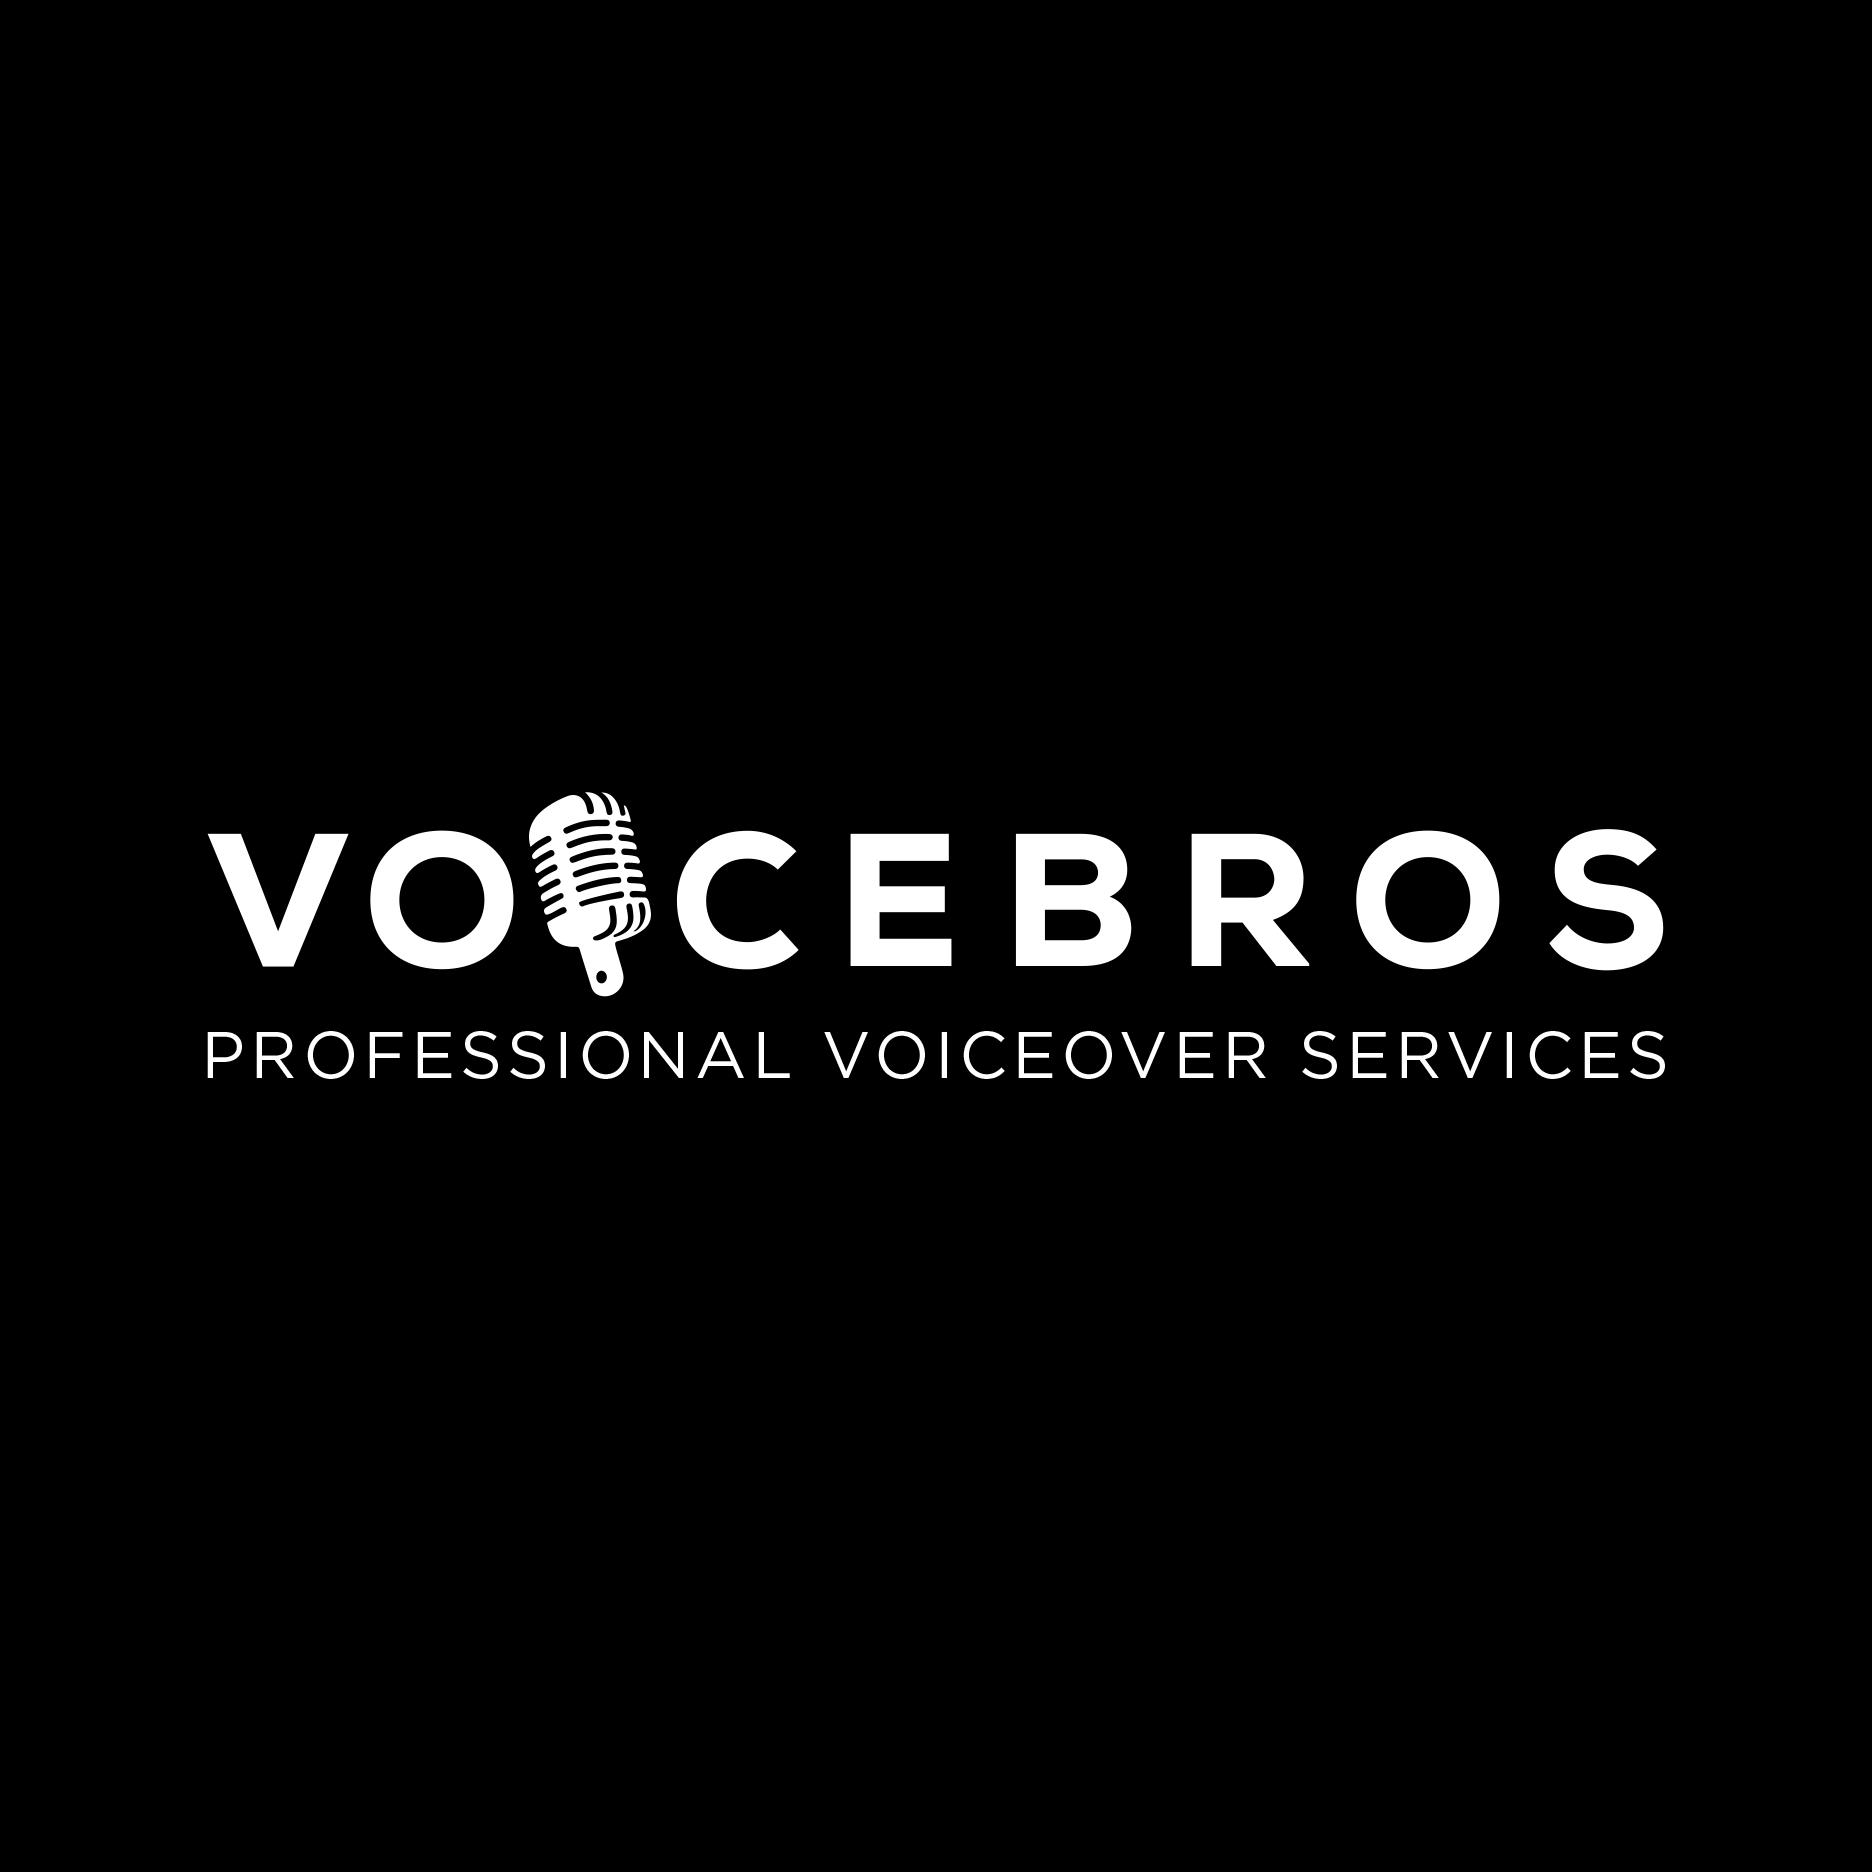 若園賢二 is a voice over actor